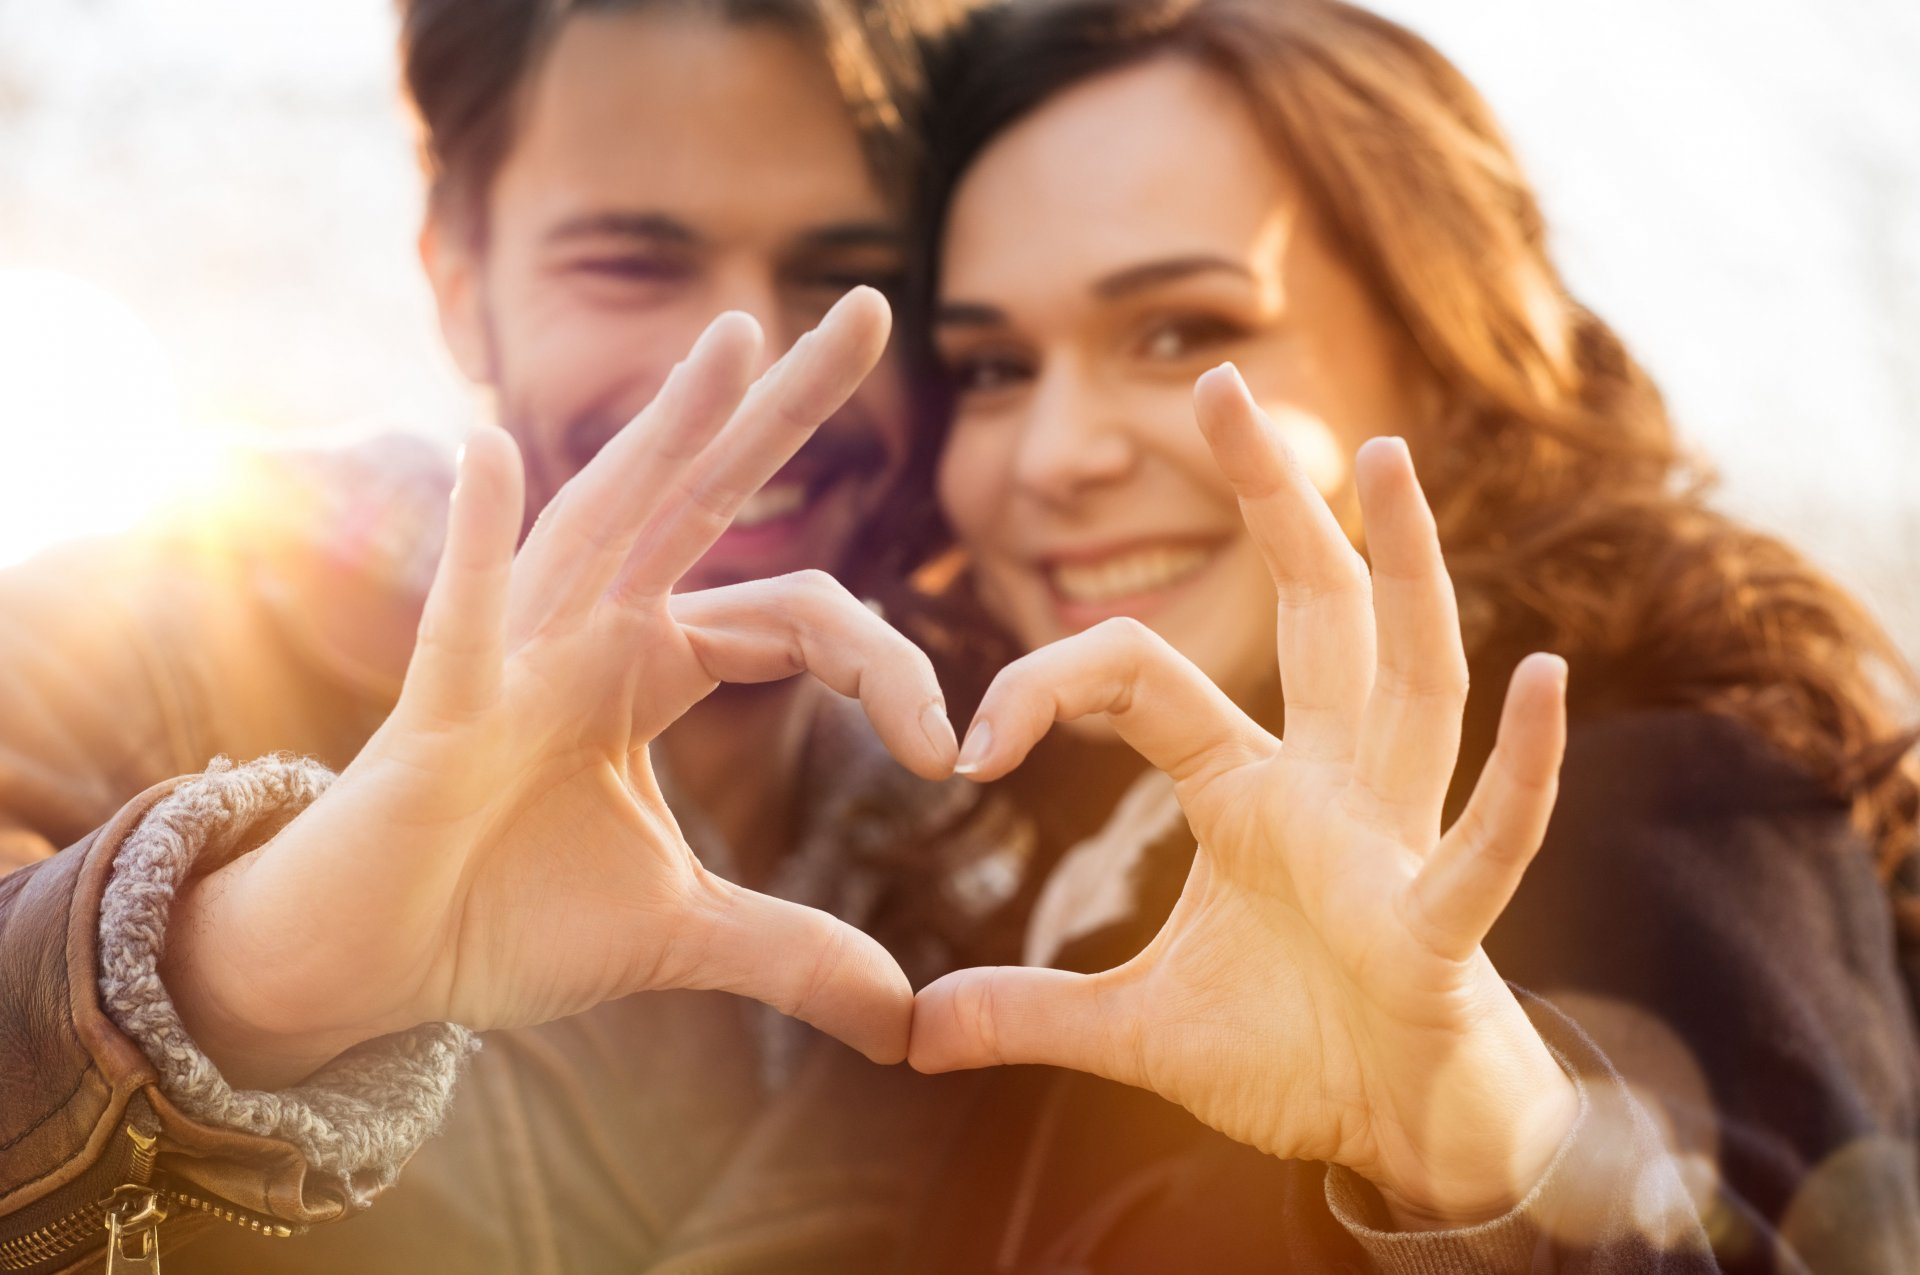 manželství nezasahující do ep 10 vostfr